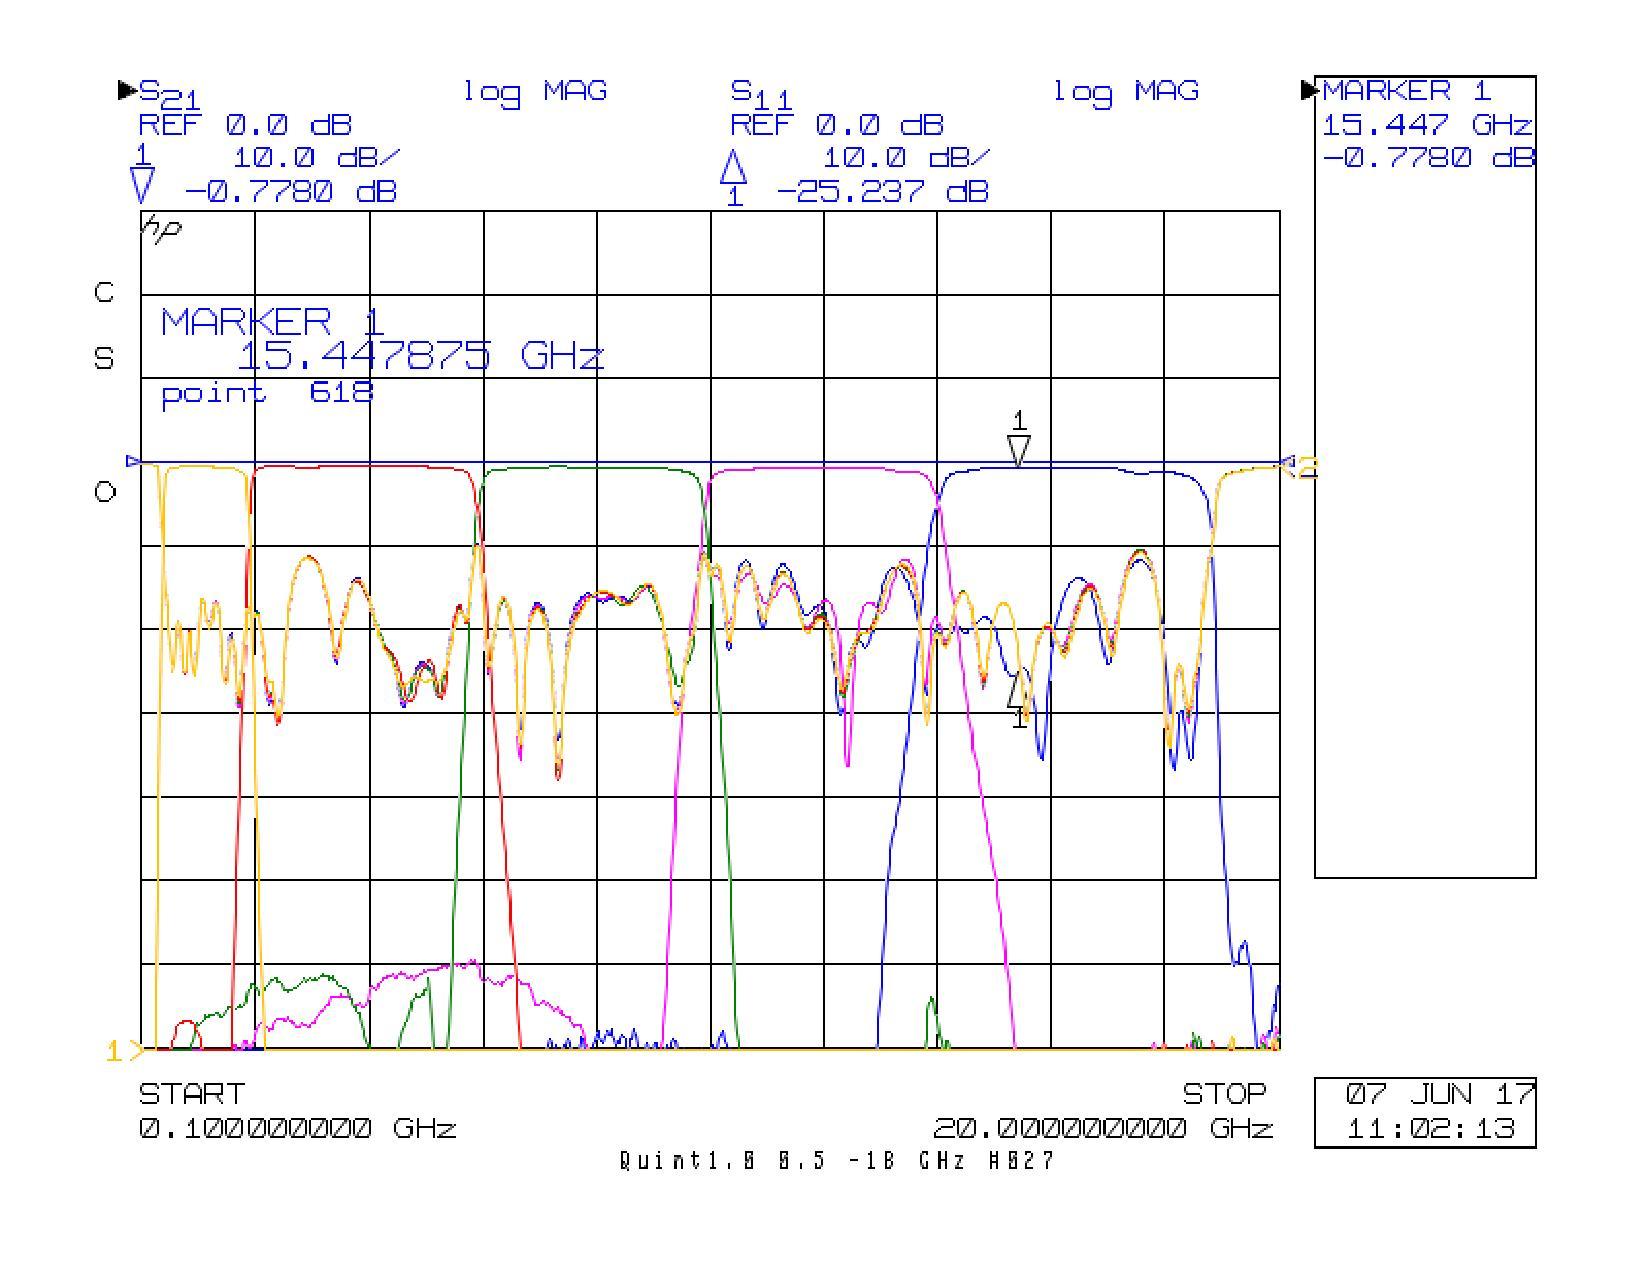 Qunit 10.5 - 18 GHz Plot